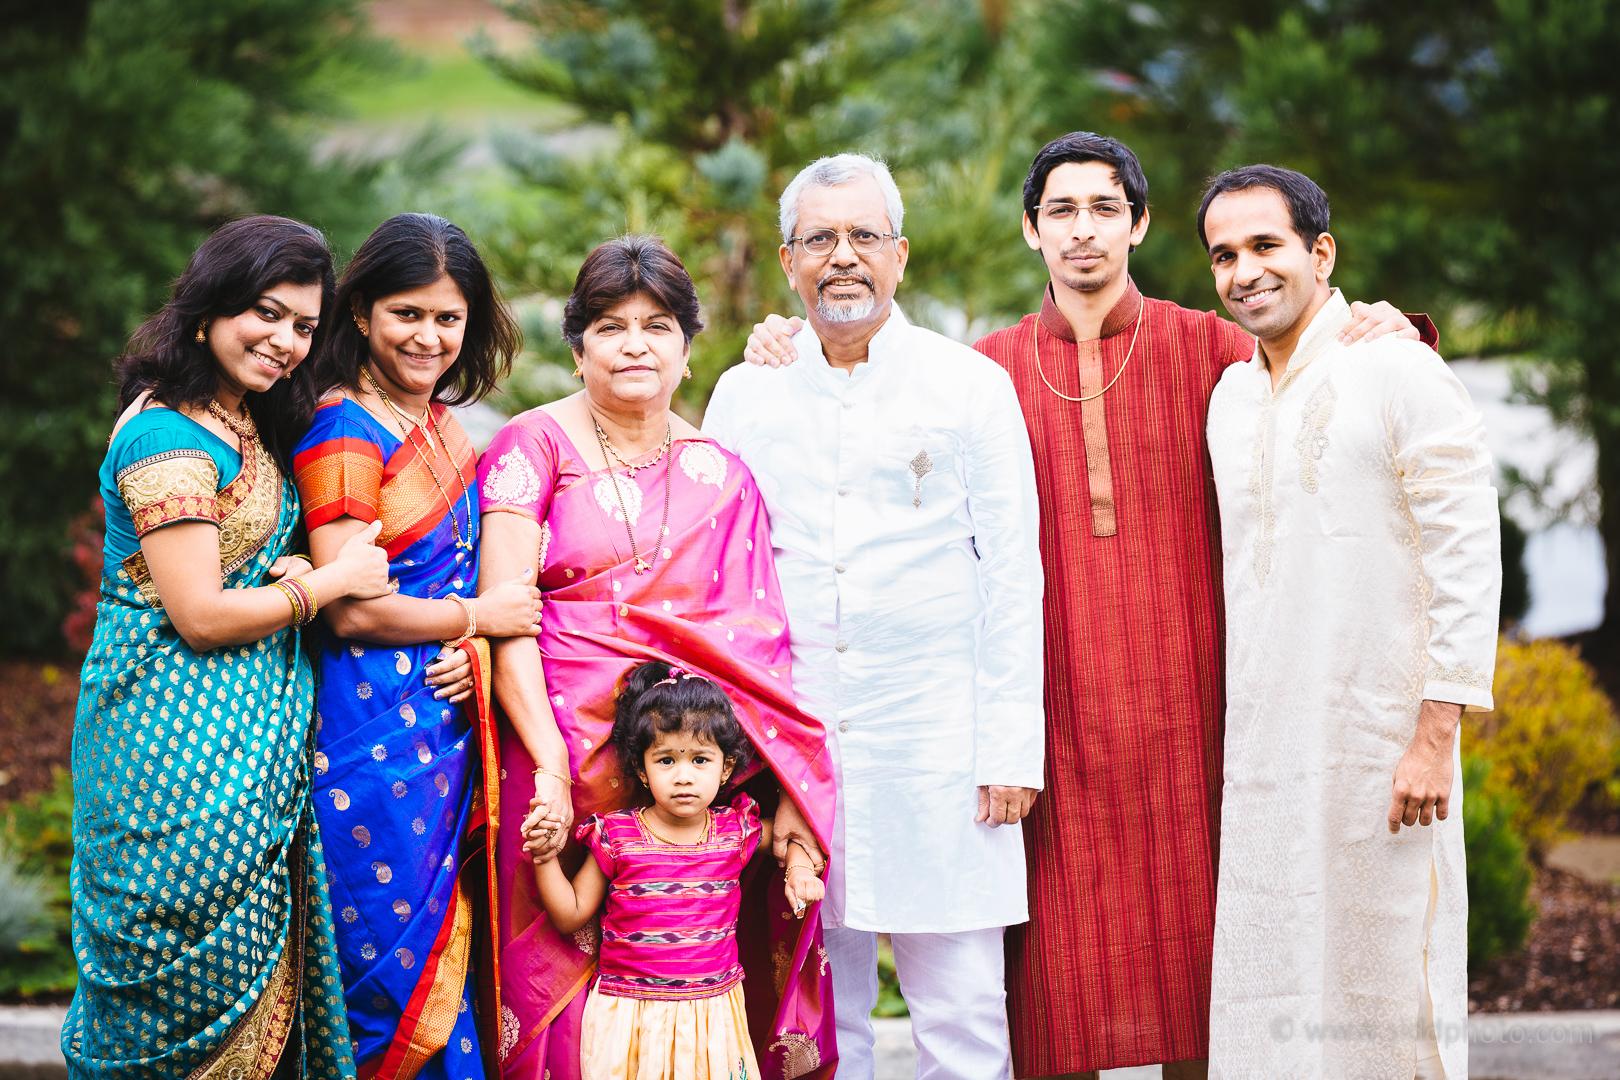 2014-10-24 - 2014-10-25 - Mugdha Aniruddha Family - _O5C7692